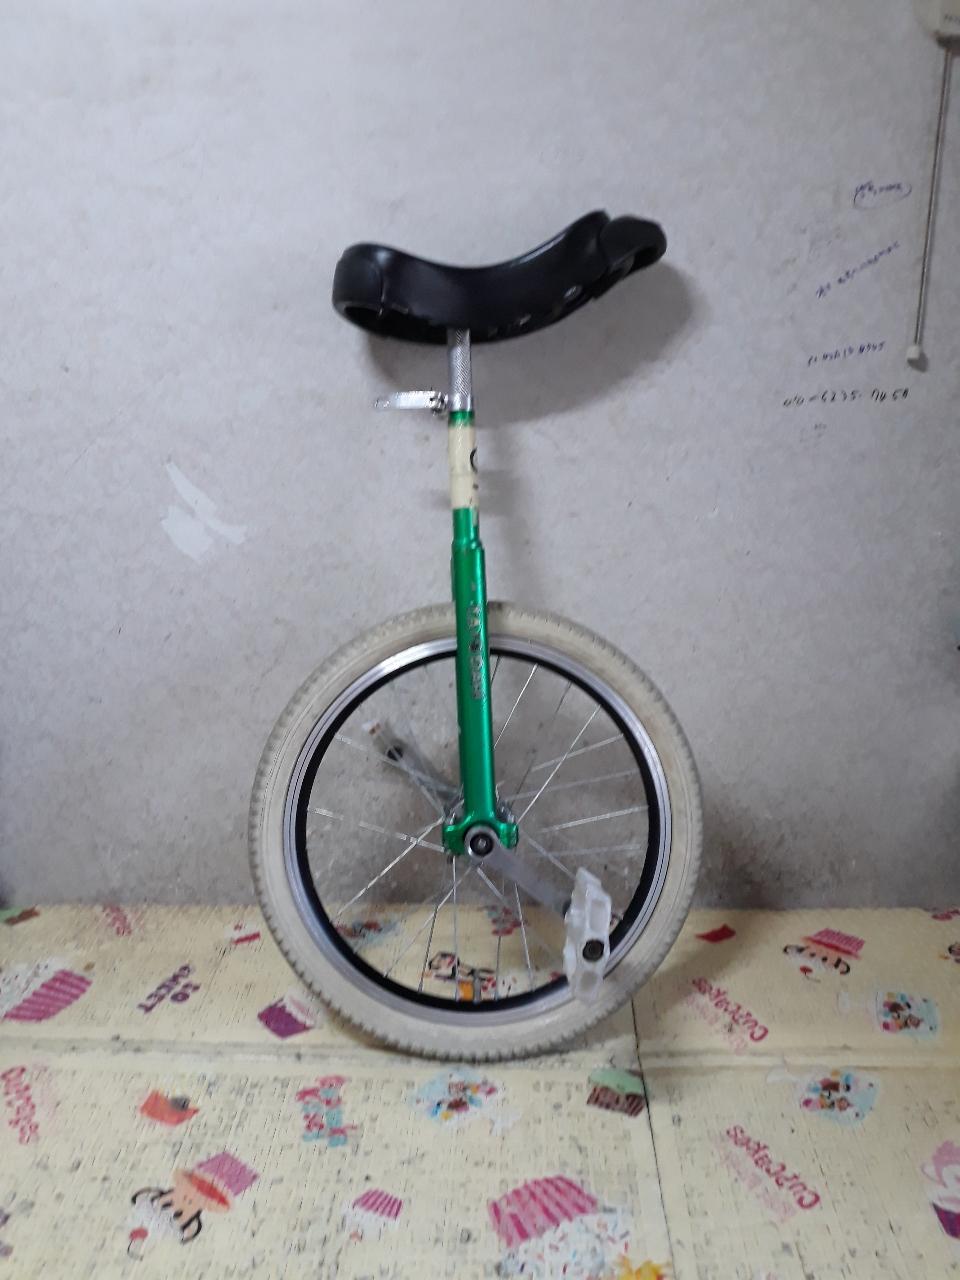 446번. 외발자전거. 바퀴하나 자전거, TA-DAH